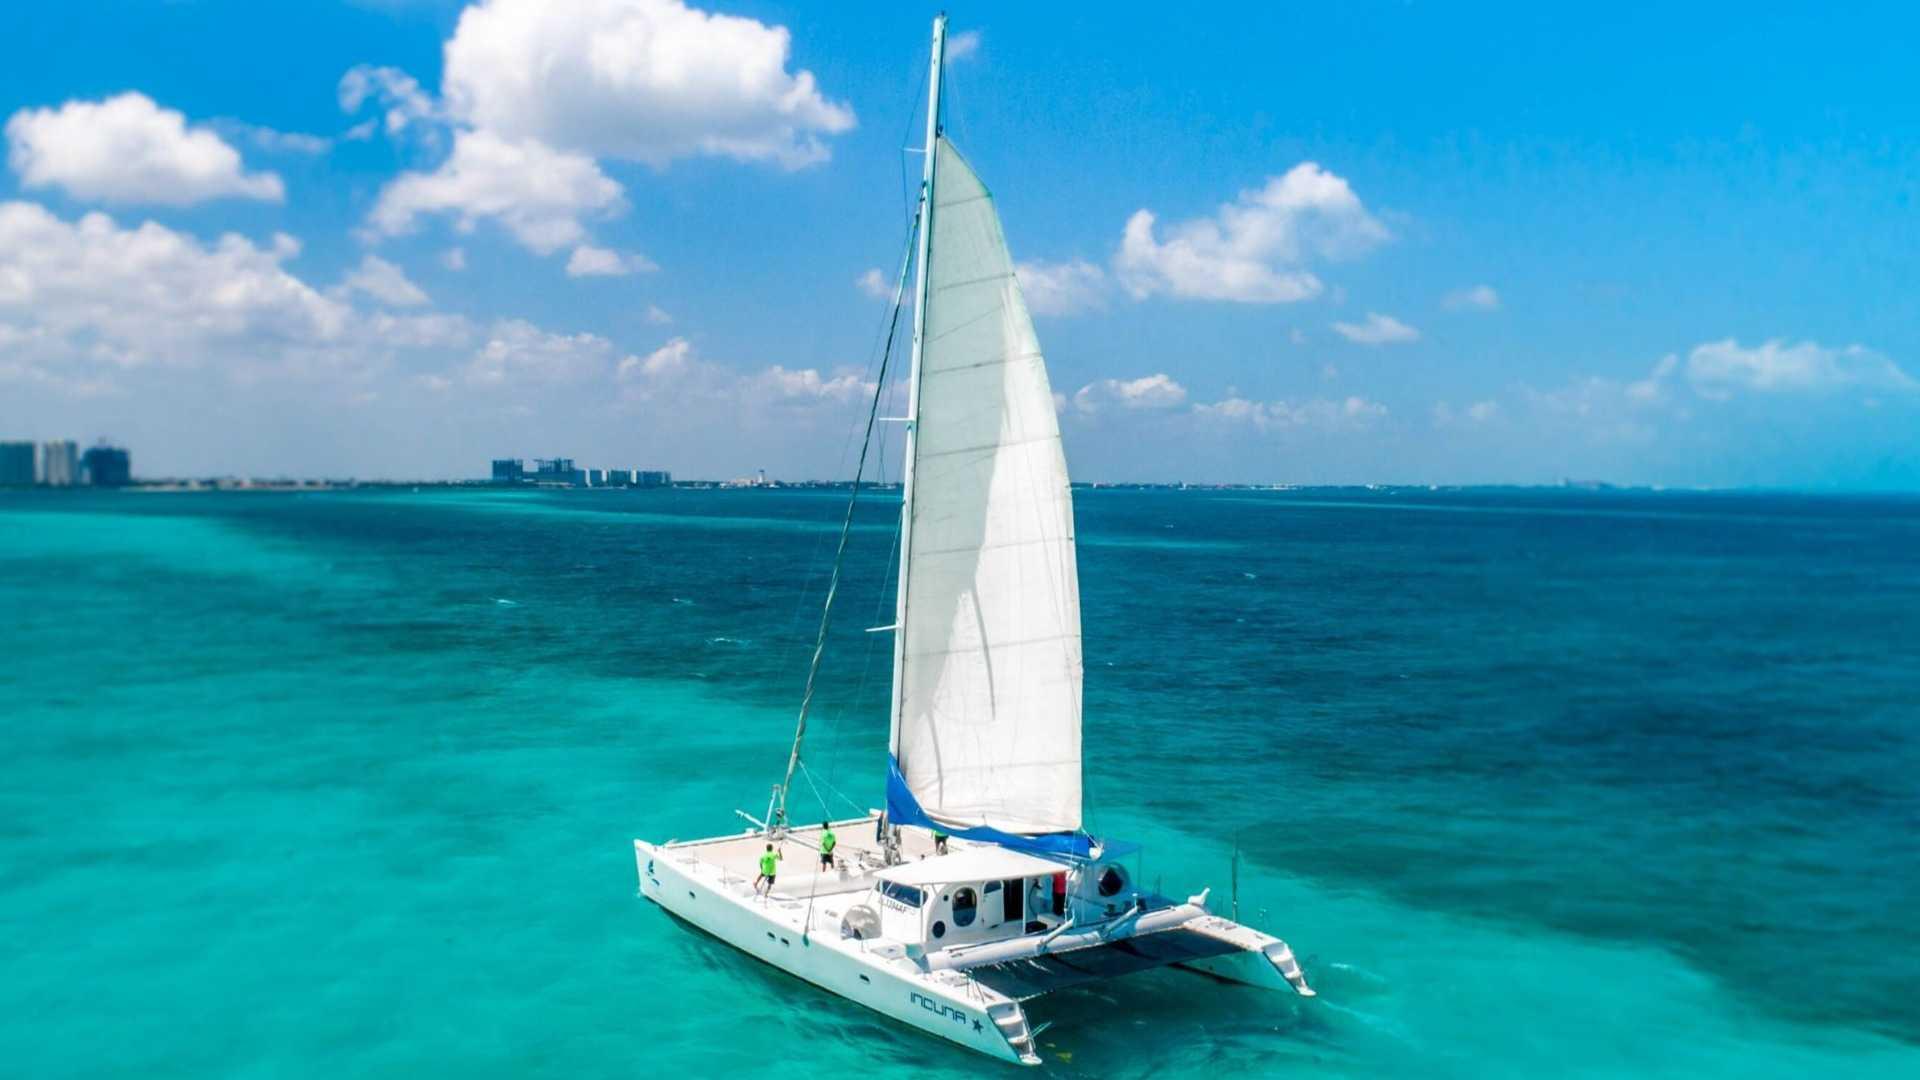 6 - LoRes - Induna - Isla Mujeres Catamaran Tour - Cancun Sailing